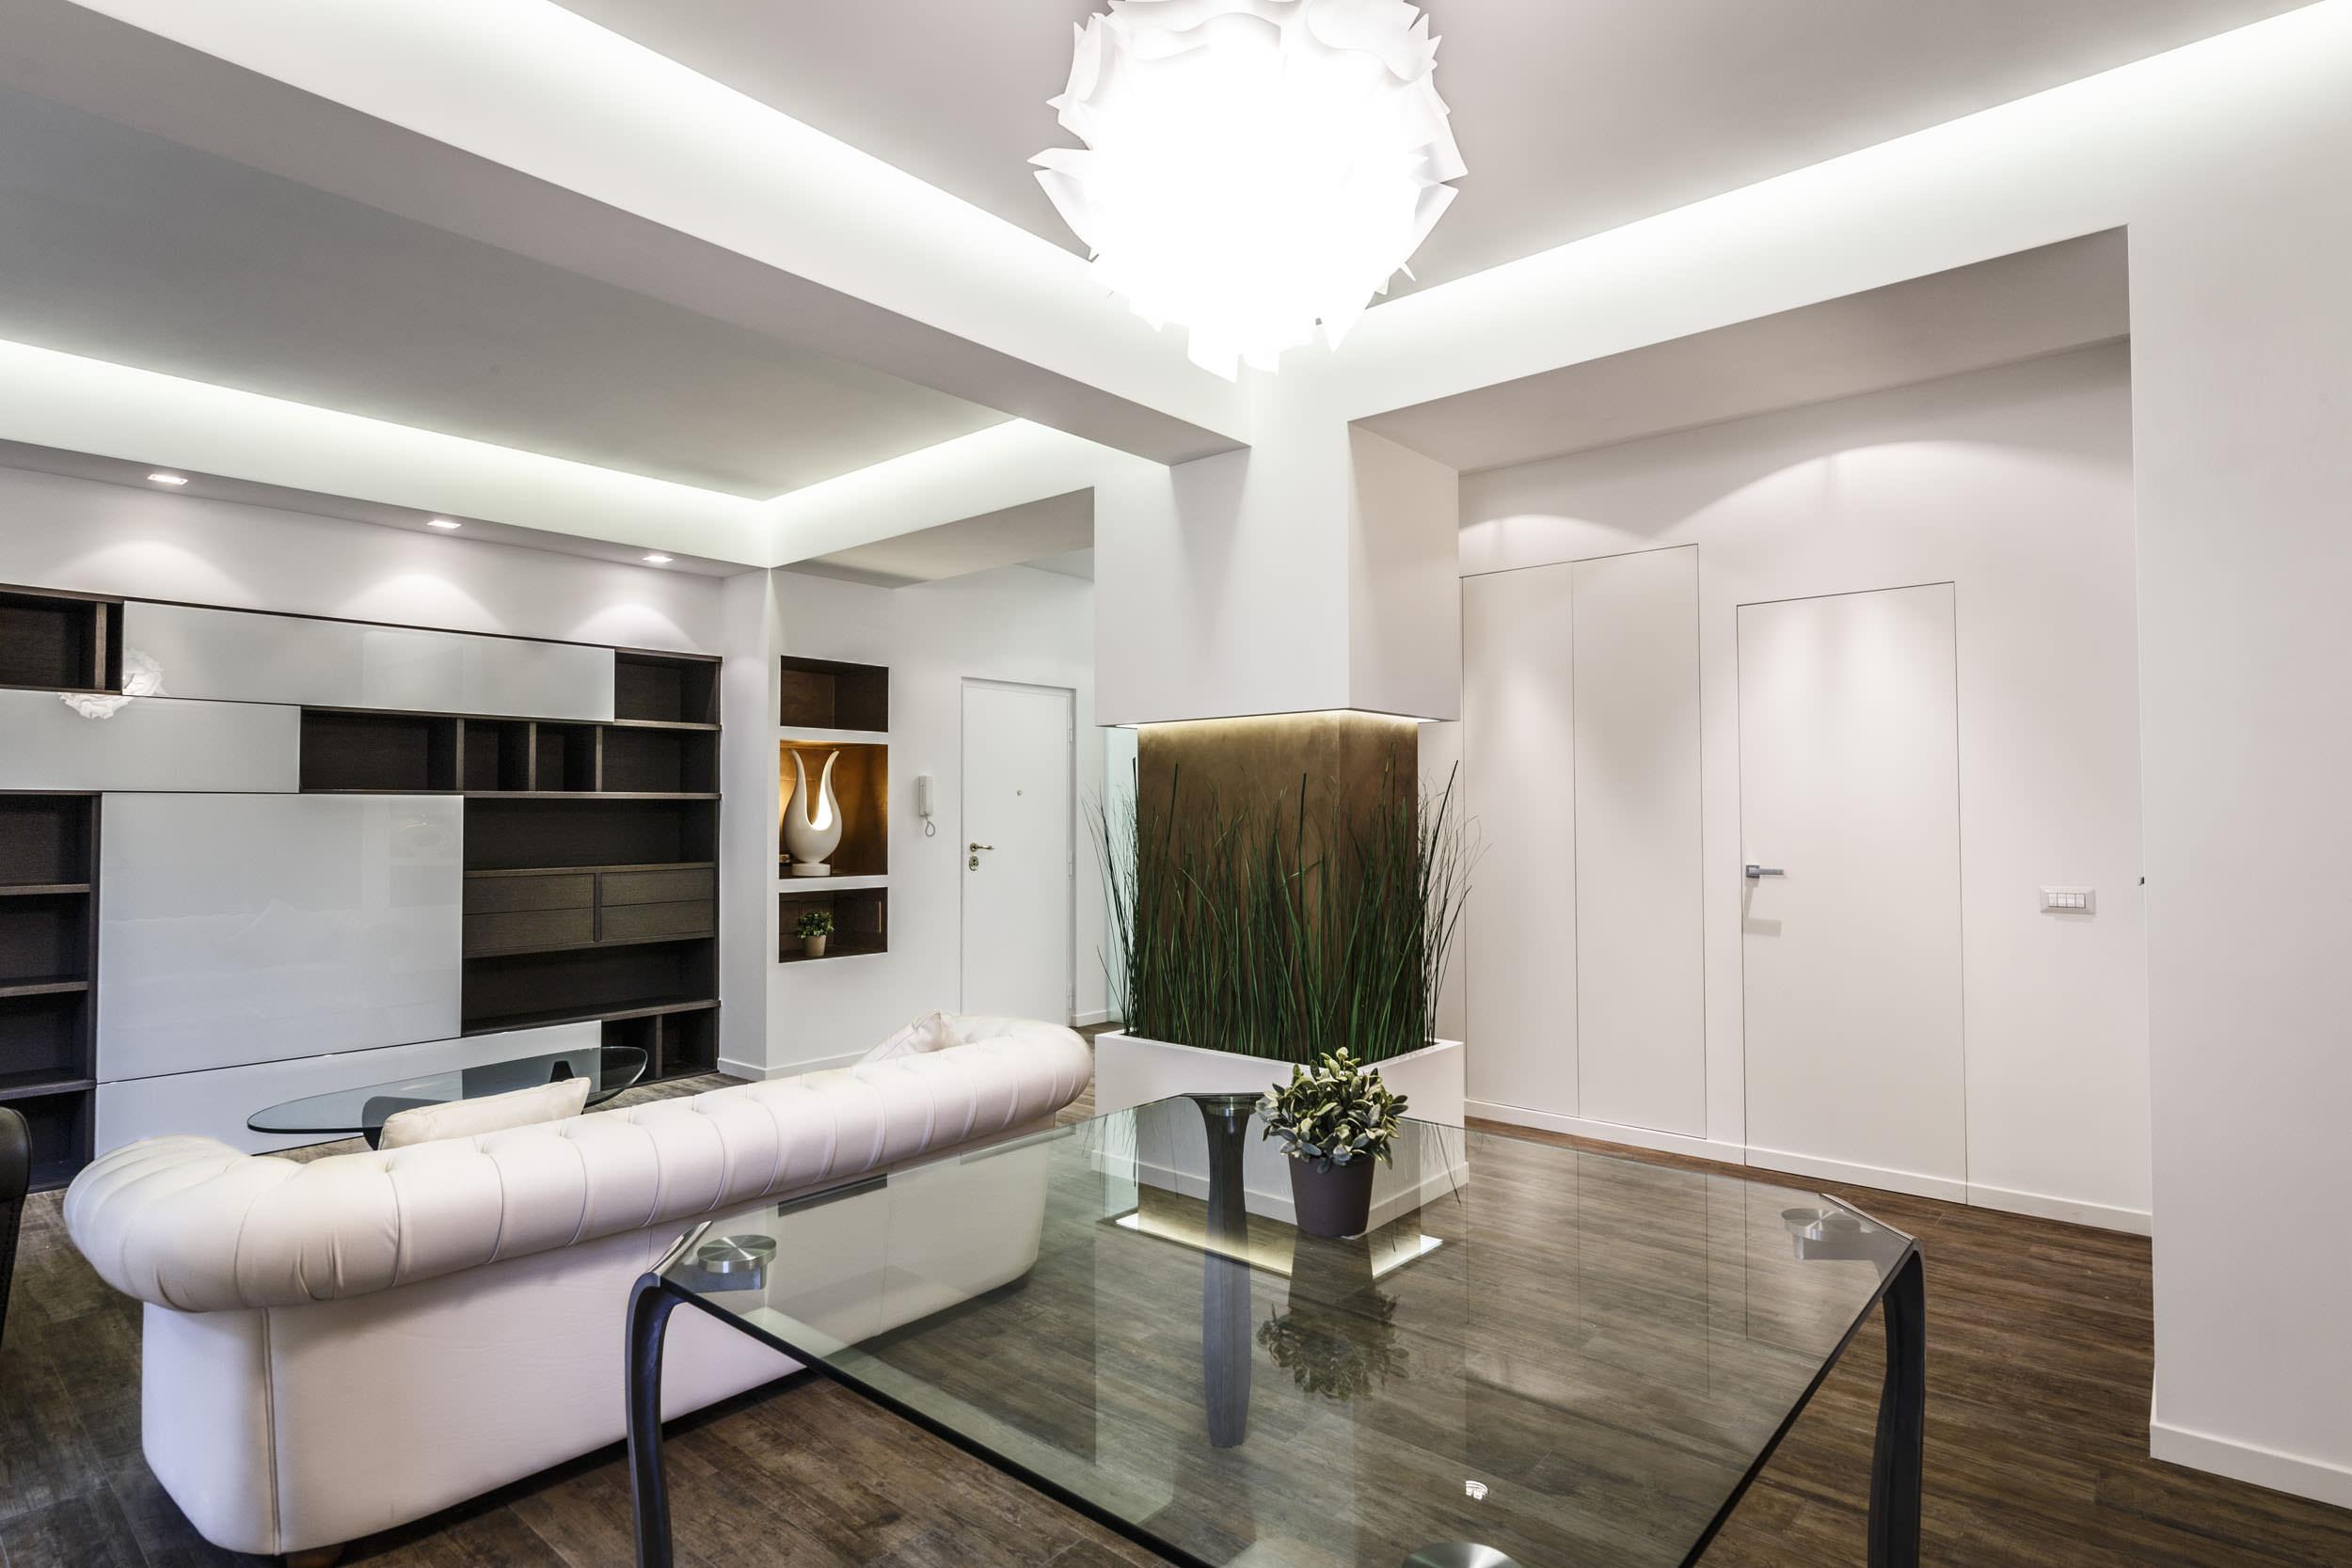 moderen-italianski-apartament-s-izobilie-ot-zelenina-4g